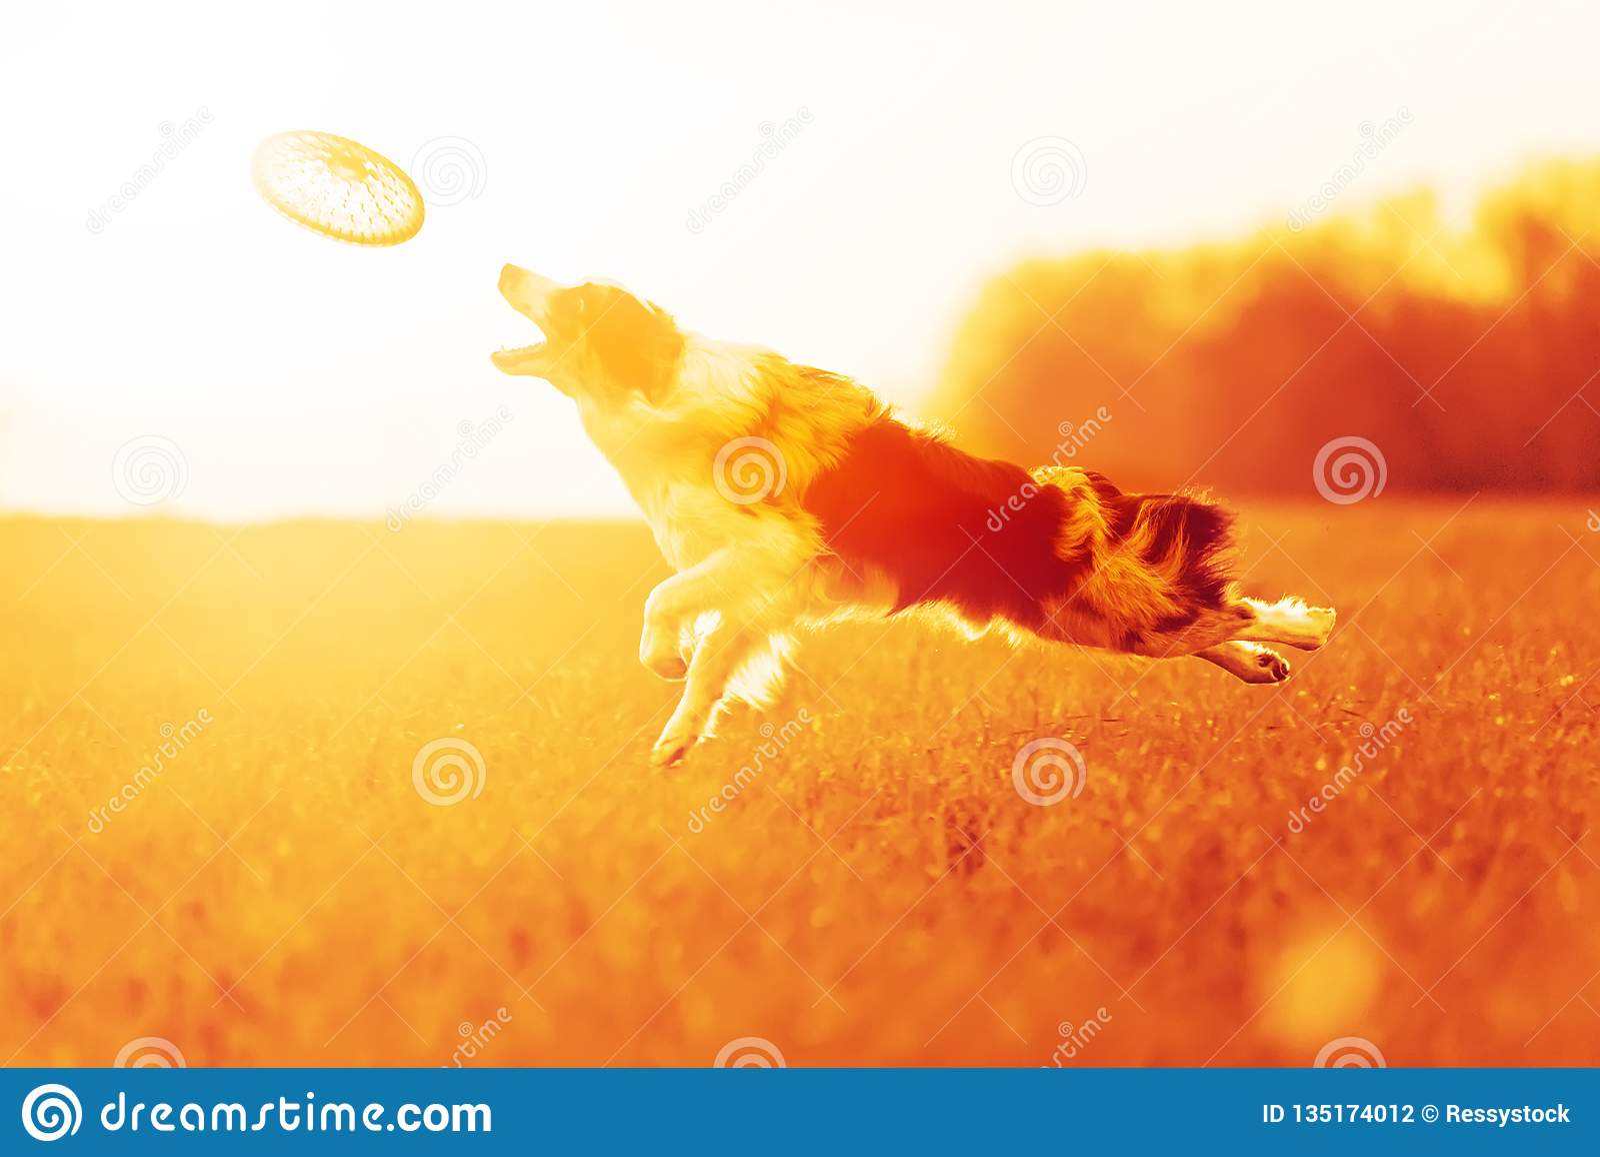 Mramar-Hunde-border collie-Sprung herein zum Himmel auf dem Gebiet